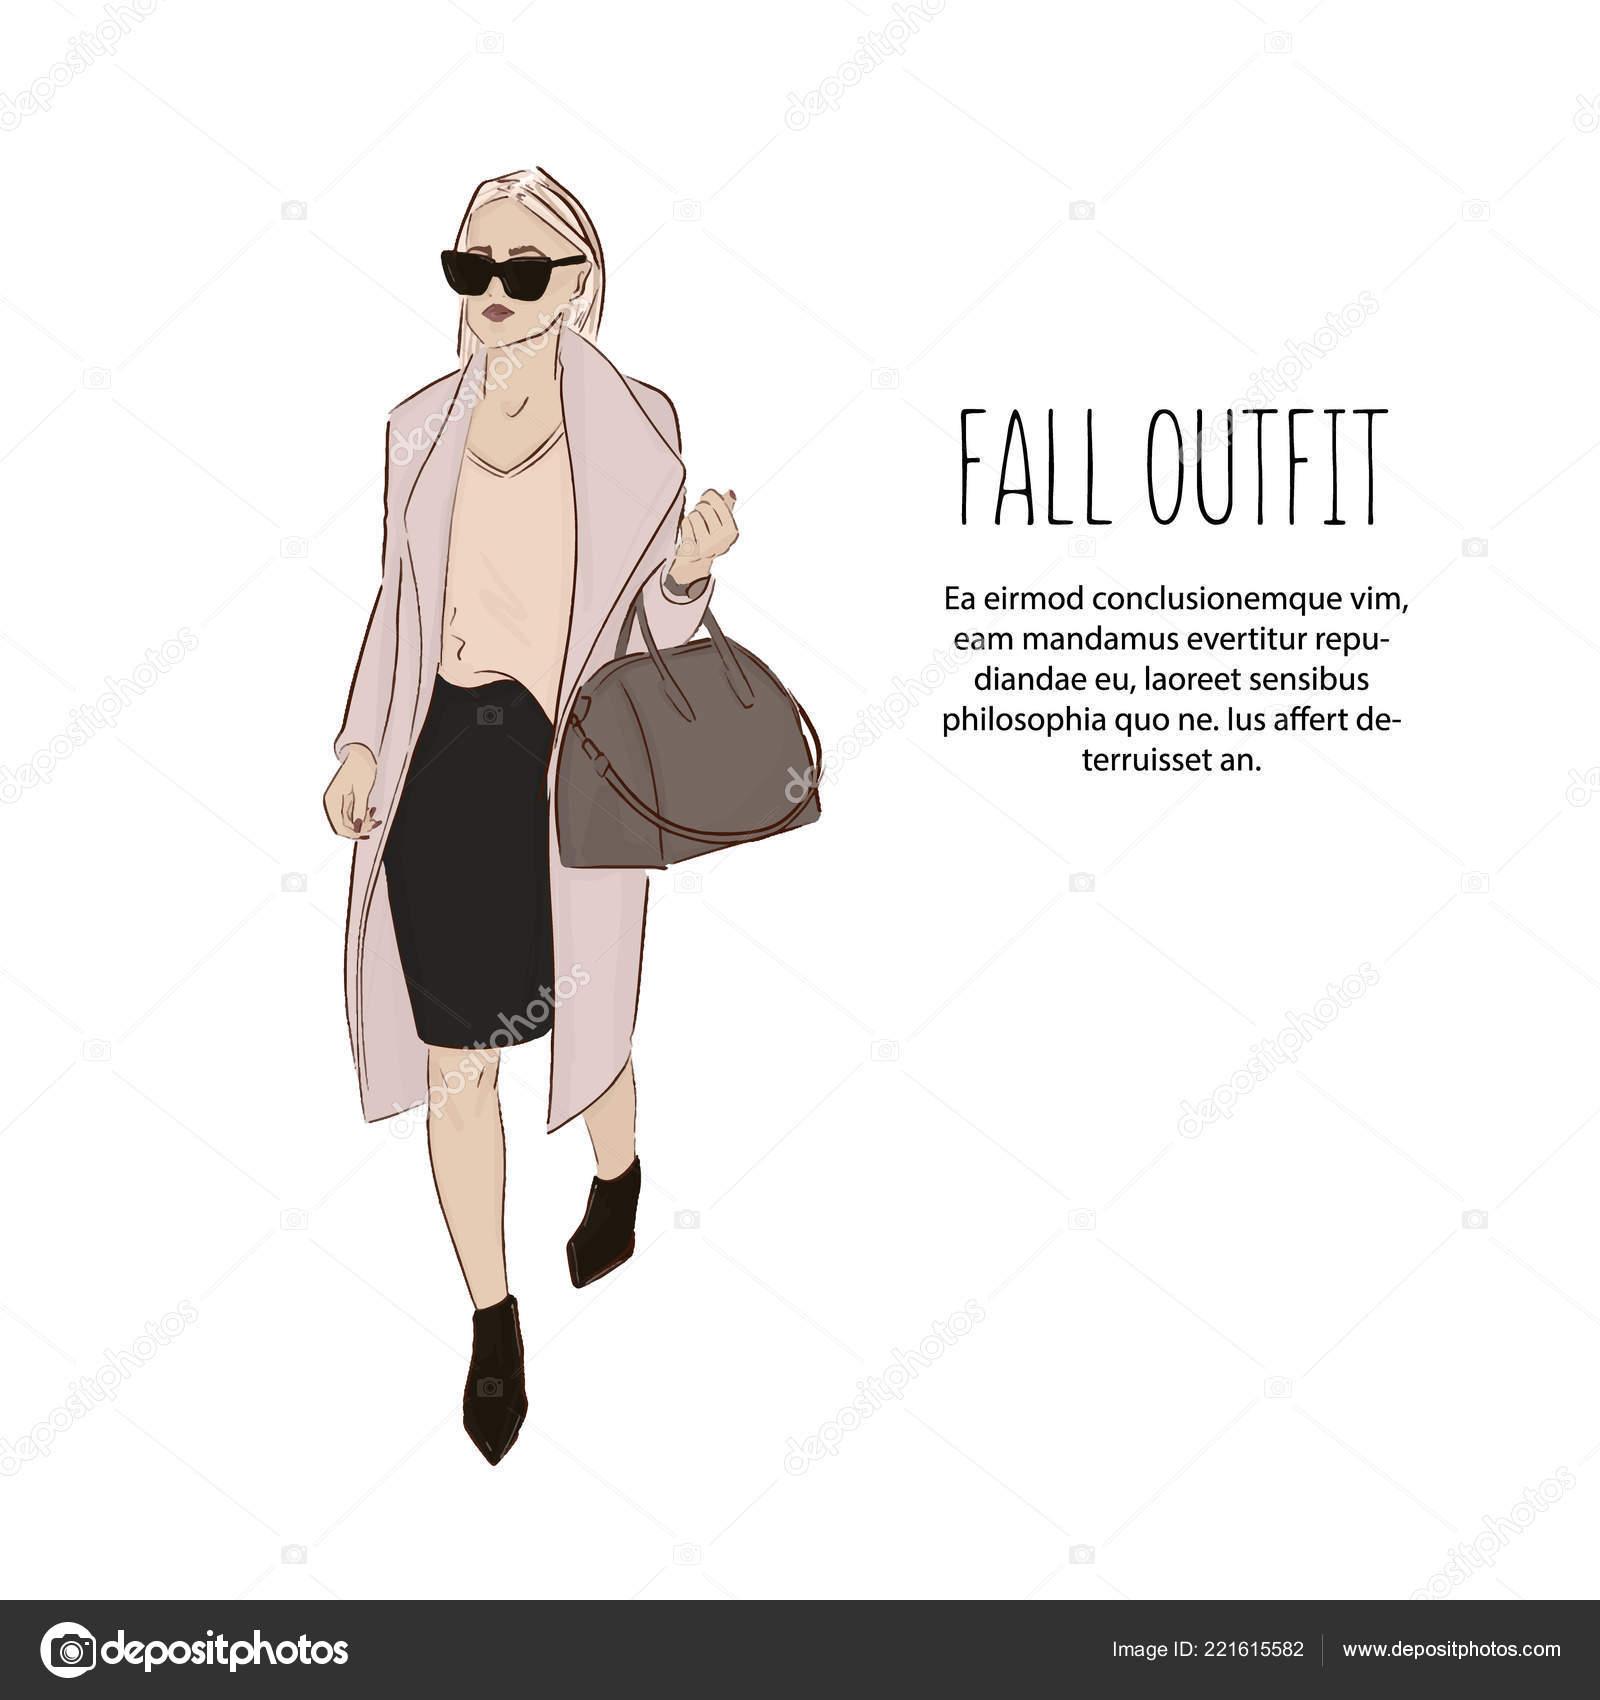 6ef601996f Mulher no croqui de roupas de grife. Roupa de moda. Garota de modelo  vestindo blusa, casaco, saia e hight ilustração bonita de saltos.